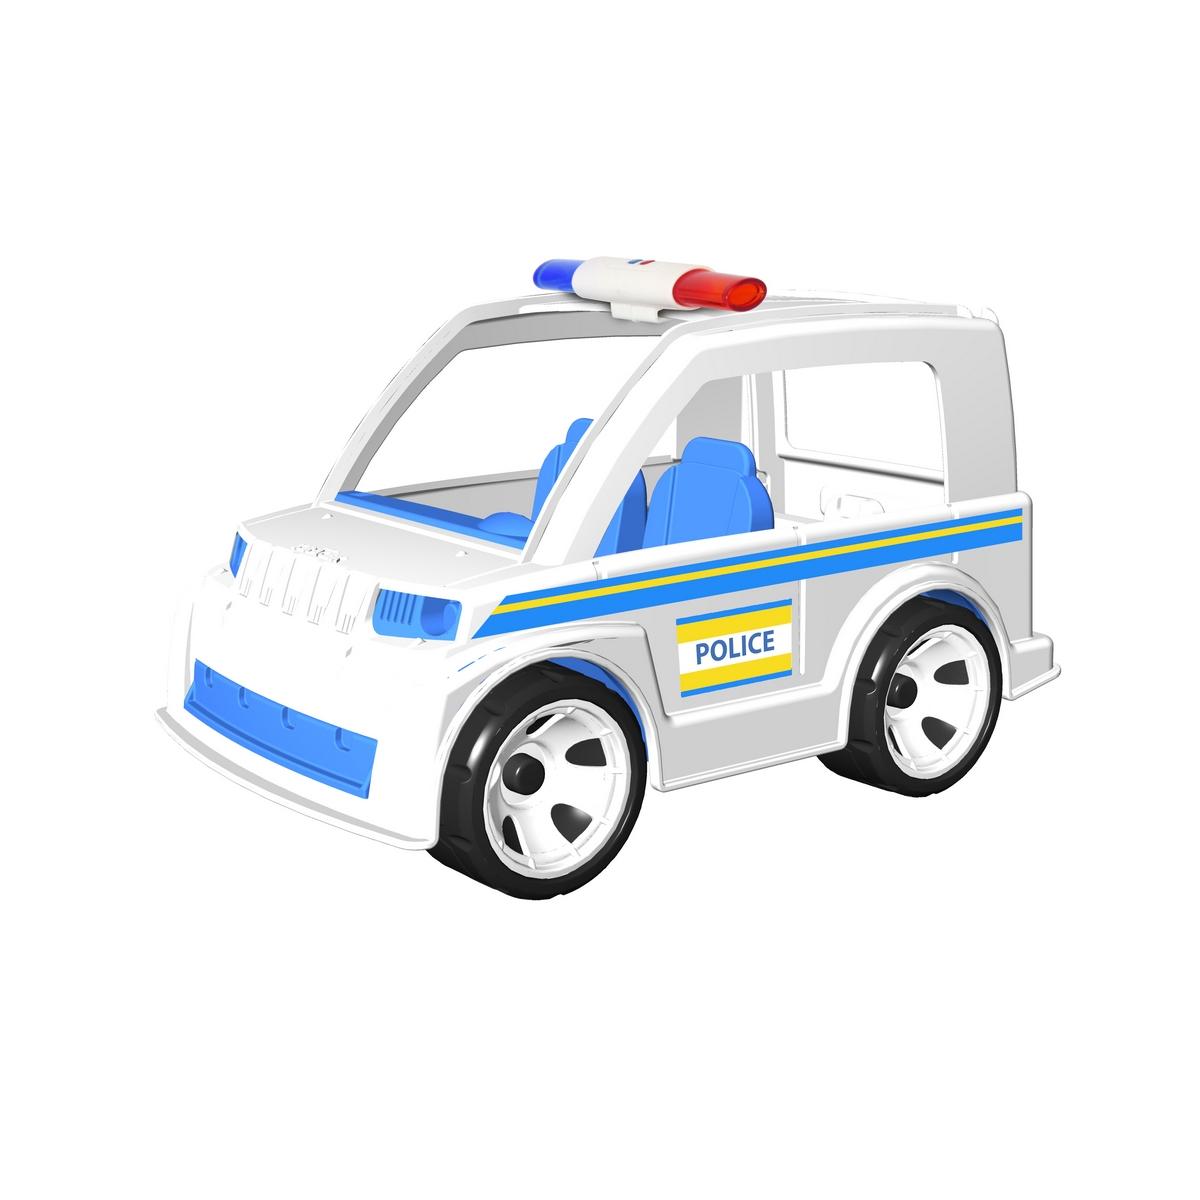 MultiGo Полицейская машина с полицейским23211Полицейская машина MultiGo внесет разнообразие в игры с машинками, позволяя придумывать новые сюжеты. Колеса машинки свободно вращаются, двери открываются. Посадите полицейского в машину и прокатите его по комнате, тротуару или… песку! Кабина имеет два посадочных места для двух фигурок. Фигурка может наклоняться, руки фигурки поднимаются и опускаются, голова поворачивается. Волосы и головной убор съемные, их можно менять с другими фигурками. Специальная система MultiGo позволяет детям легко менять и добавлять различные игровые аксессуары. Одна игрушка легко преобразуется в другую. Сделайте вашему ребенку такой замечательный подарок!